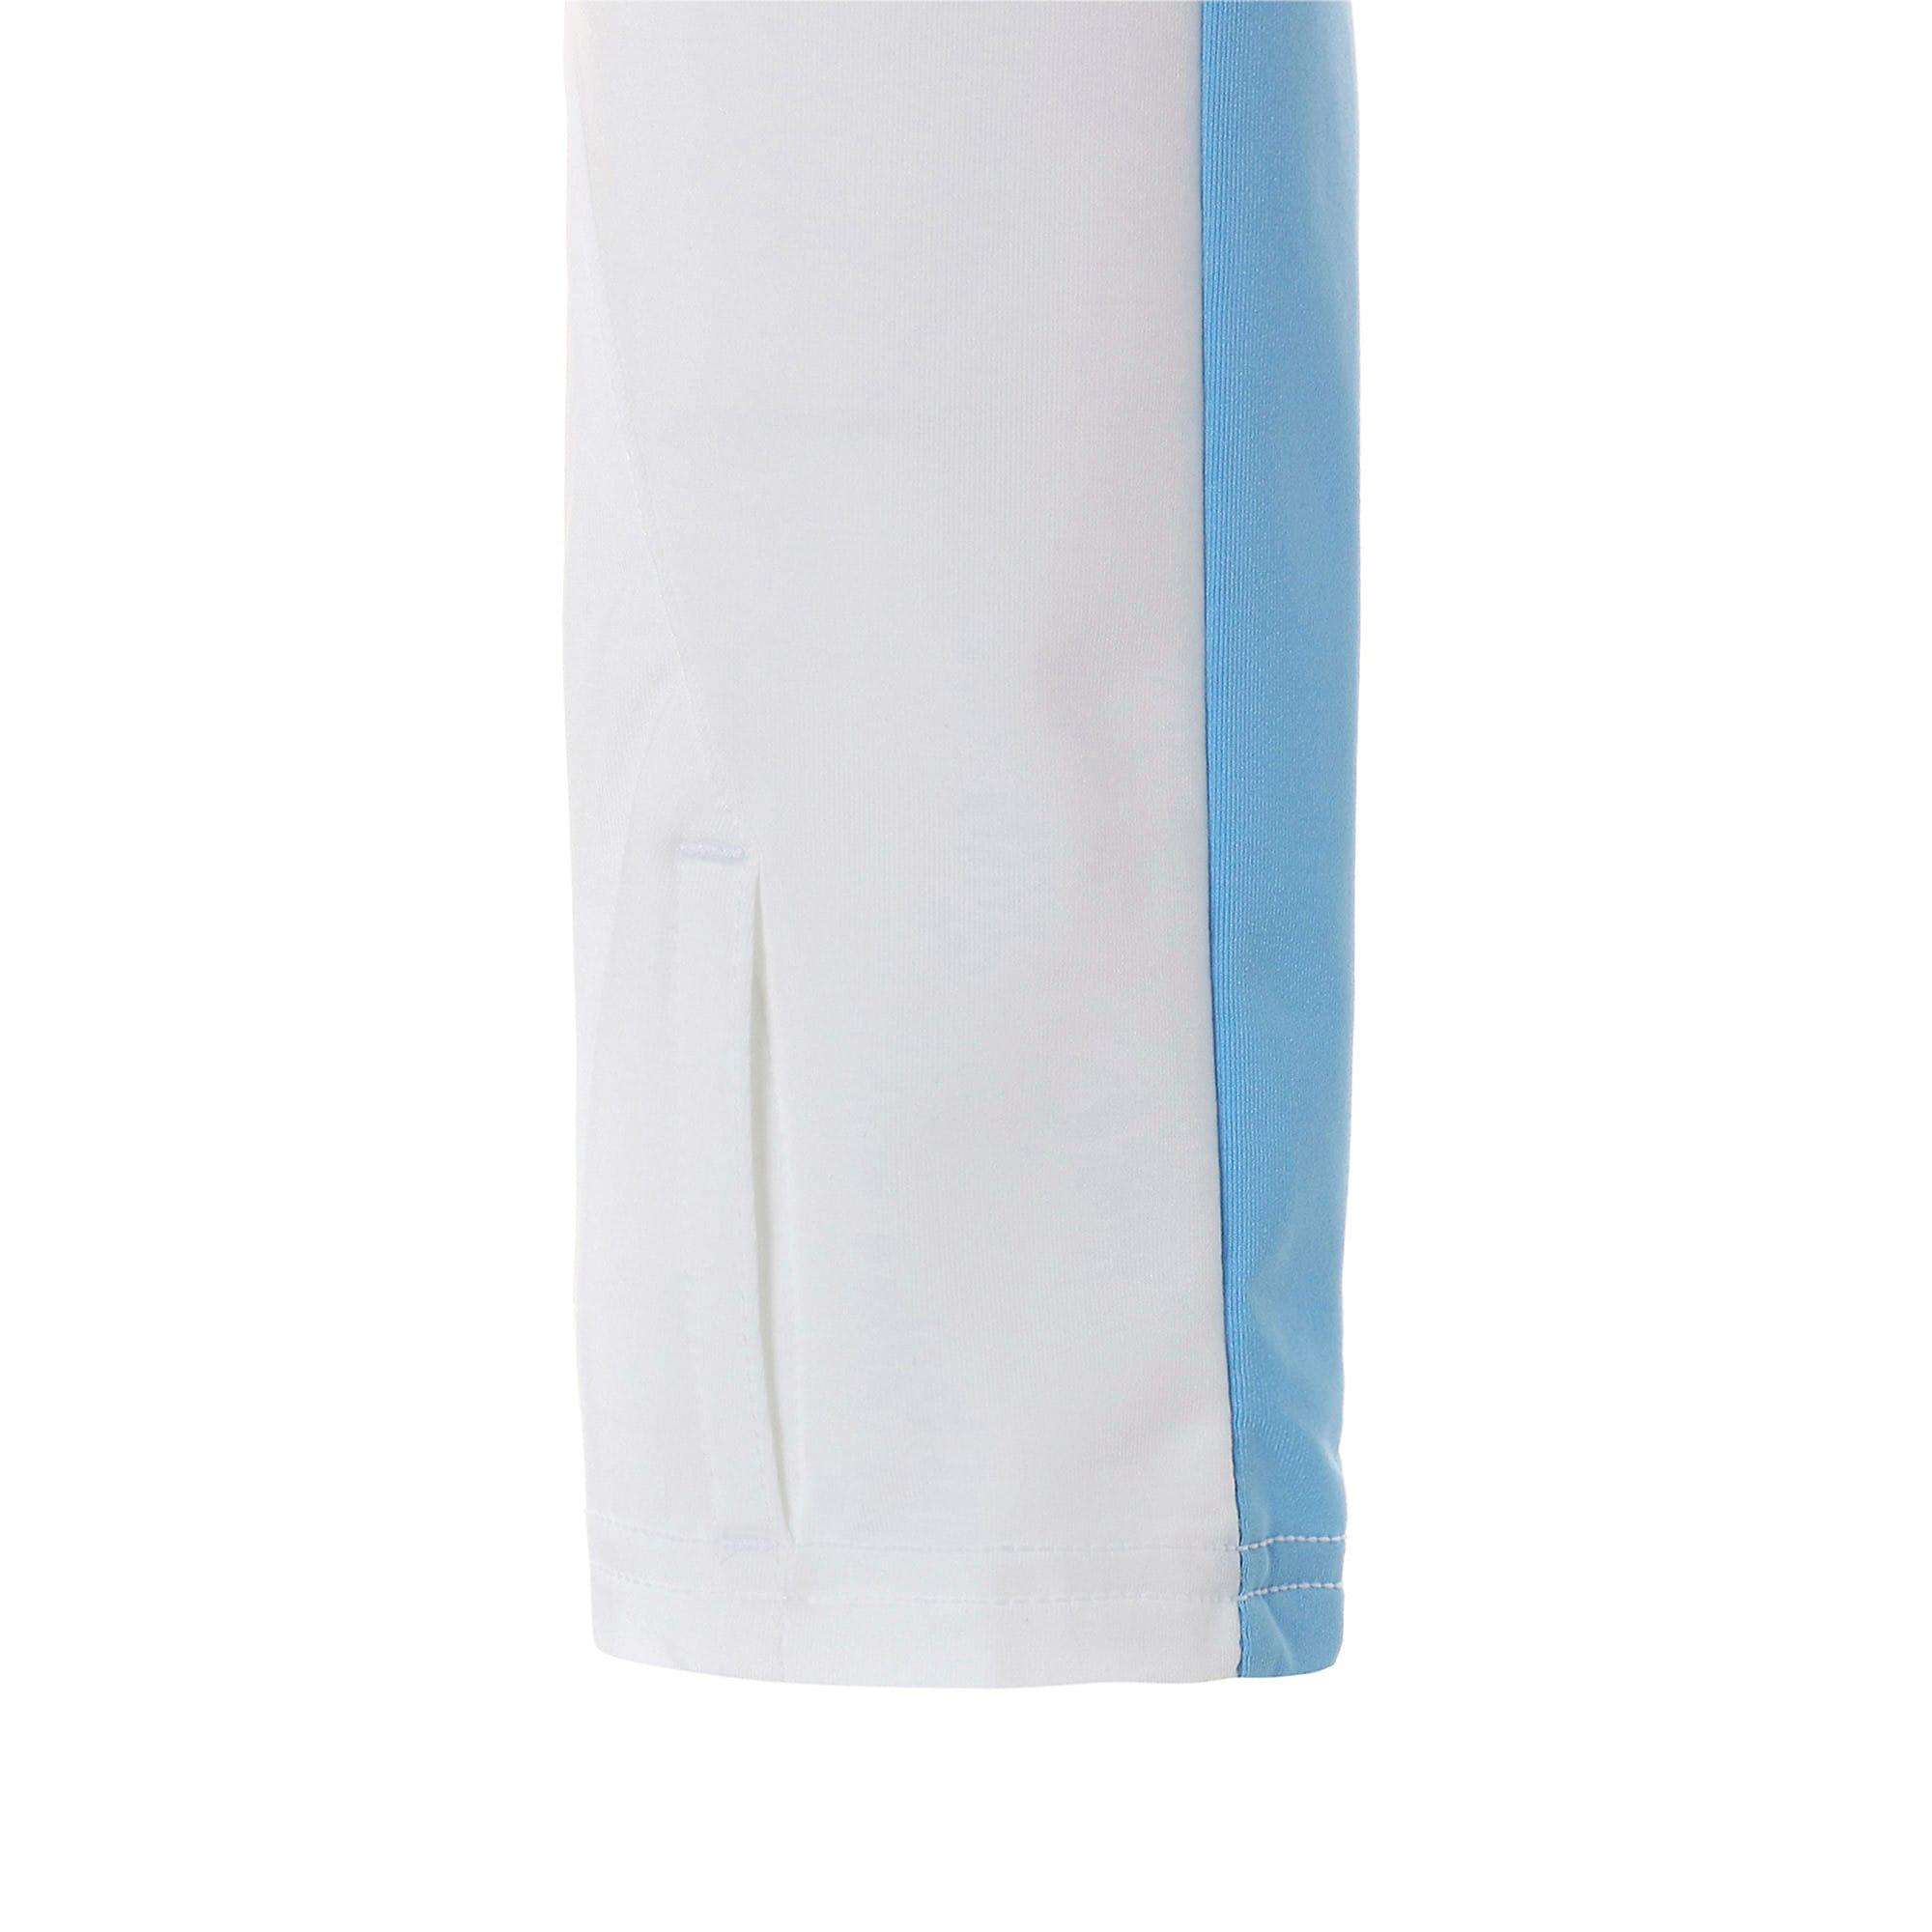 Thumbnail 5 of マンチェスター・シティ MCFC 1/4 ジップ トップ, Puma White-Team Light Blue, medium-JPN